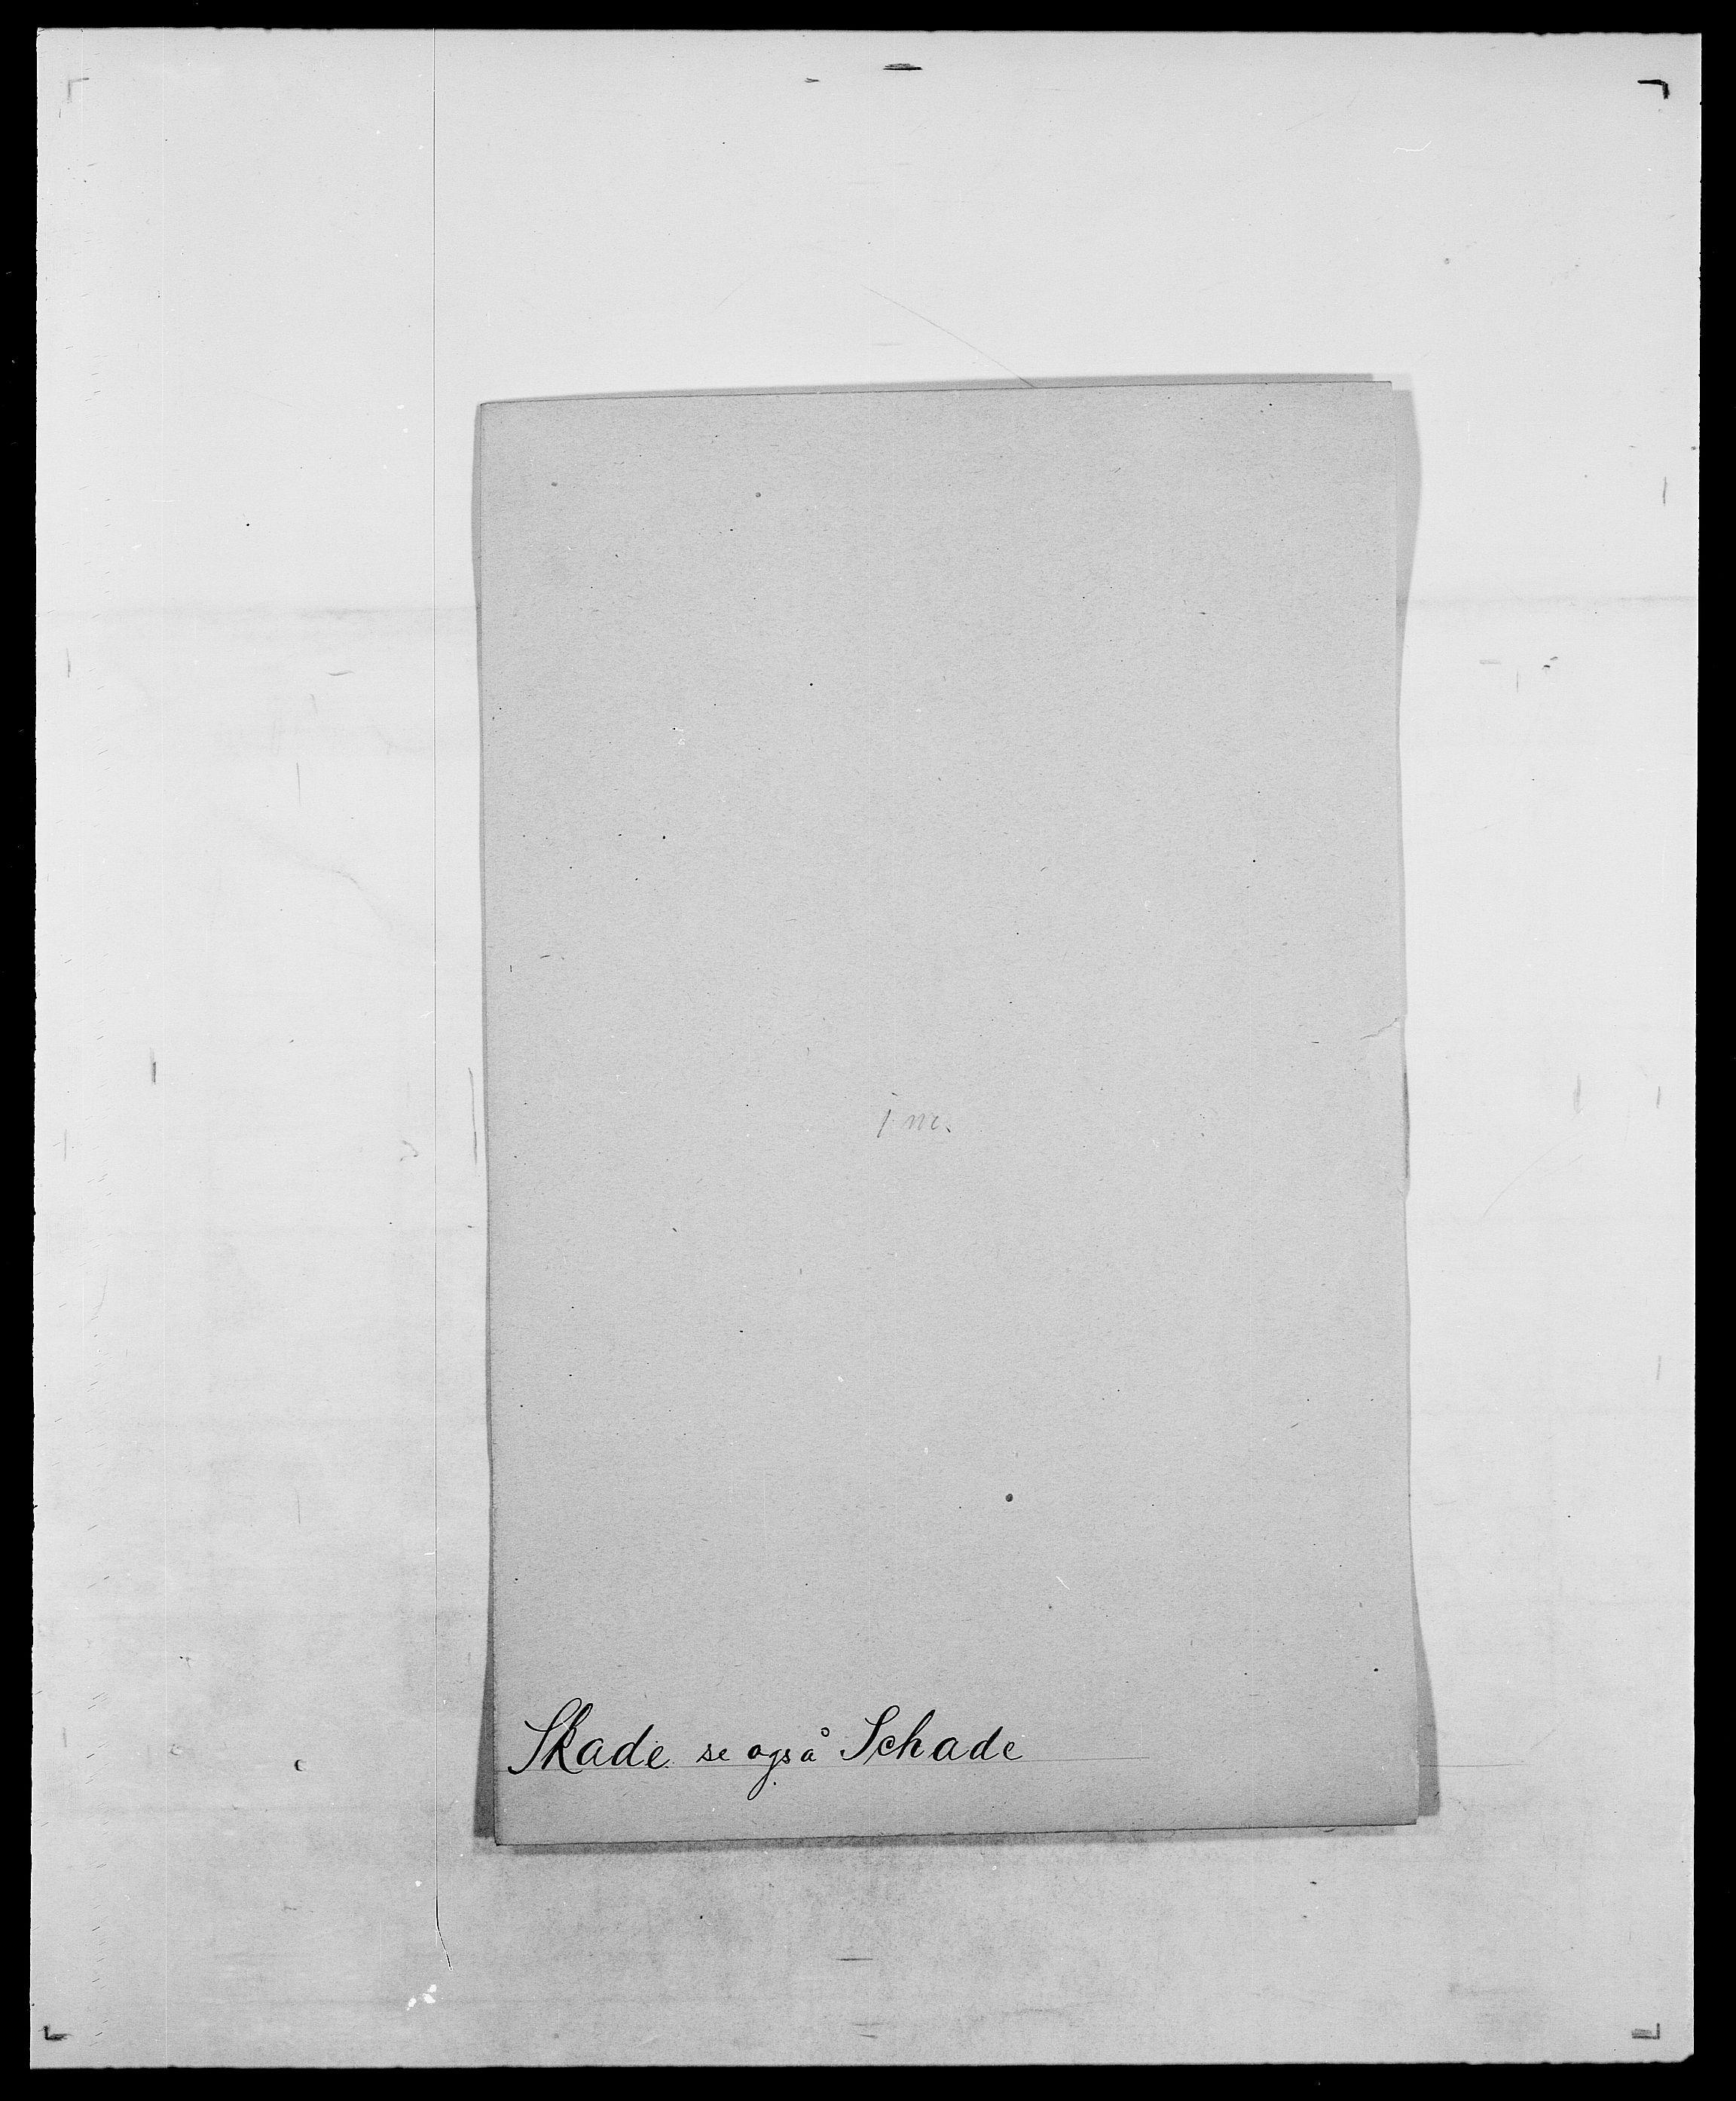 SAO, Delgobe, Charles Antoine - samling, D/Da/L0036: Skaanør - Staverskov, s. 22